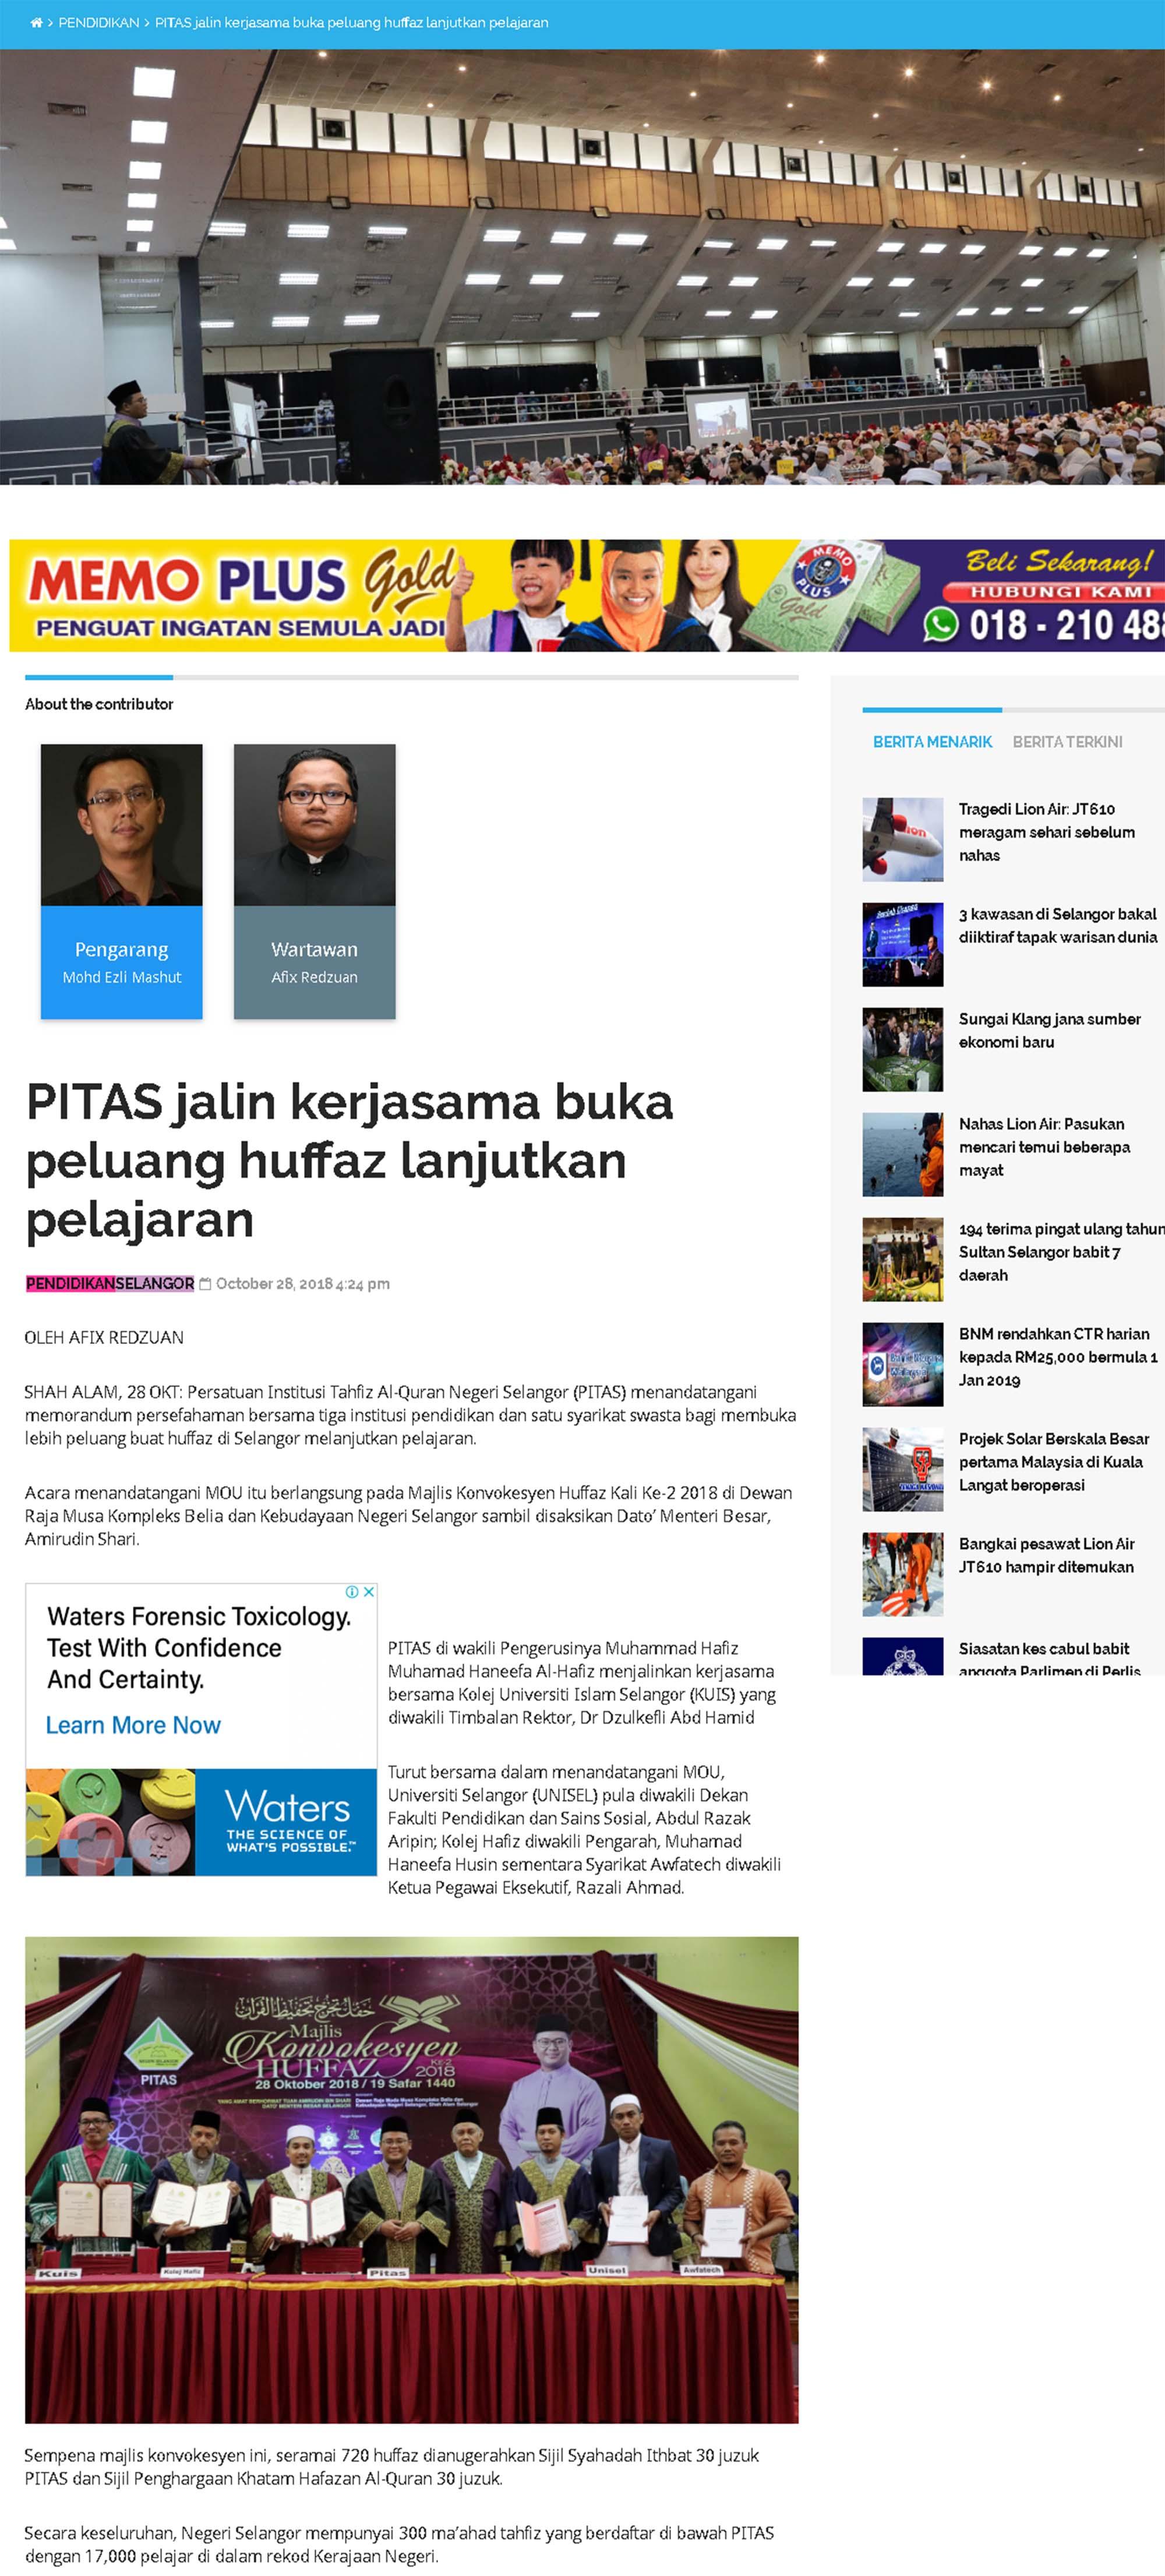 Selangorkini Online 28 Oktober 2018